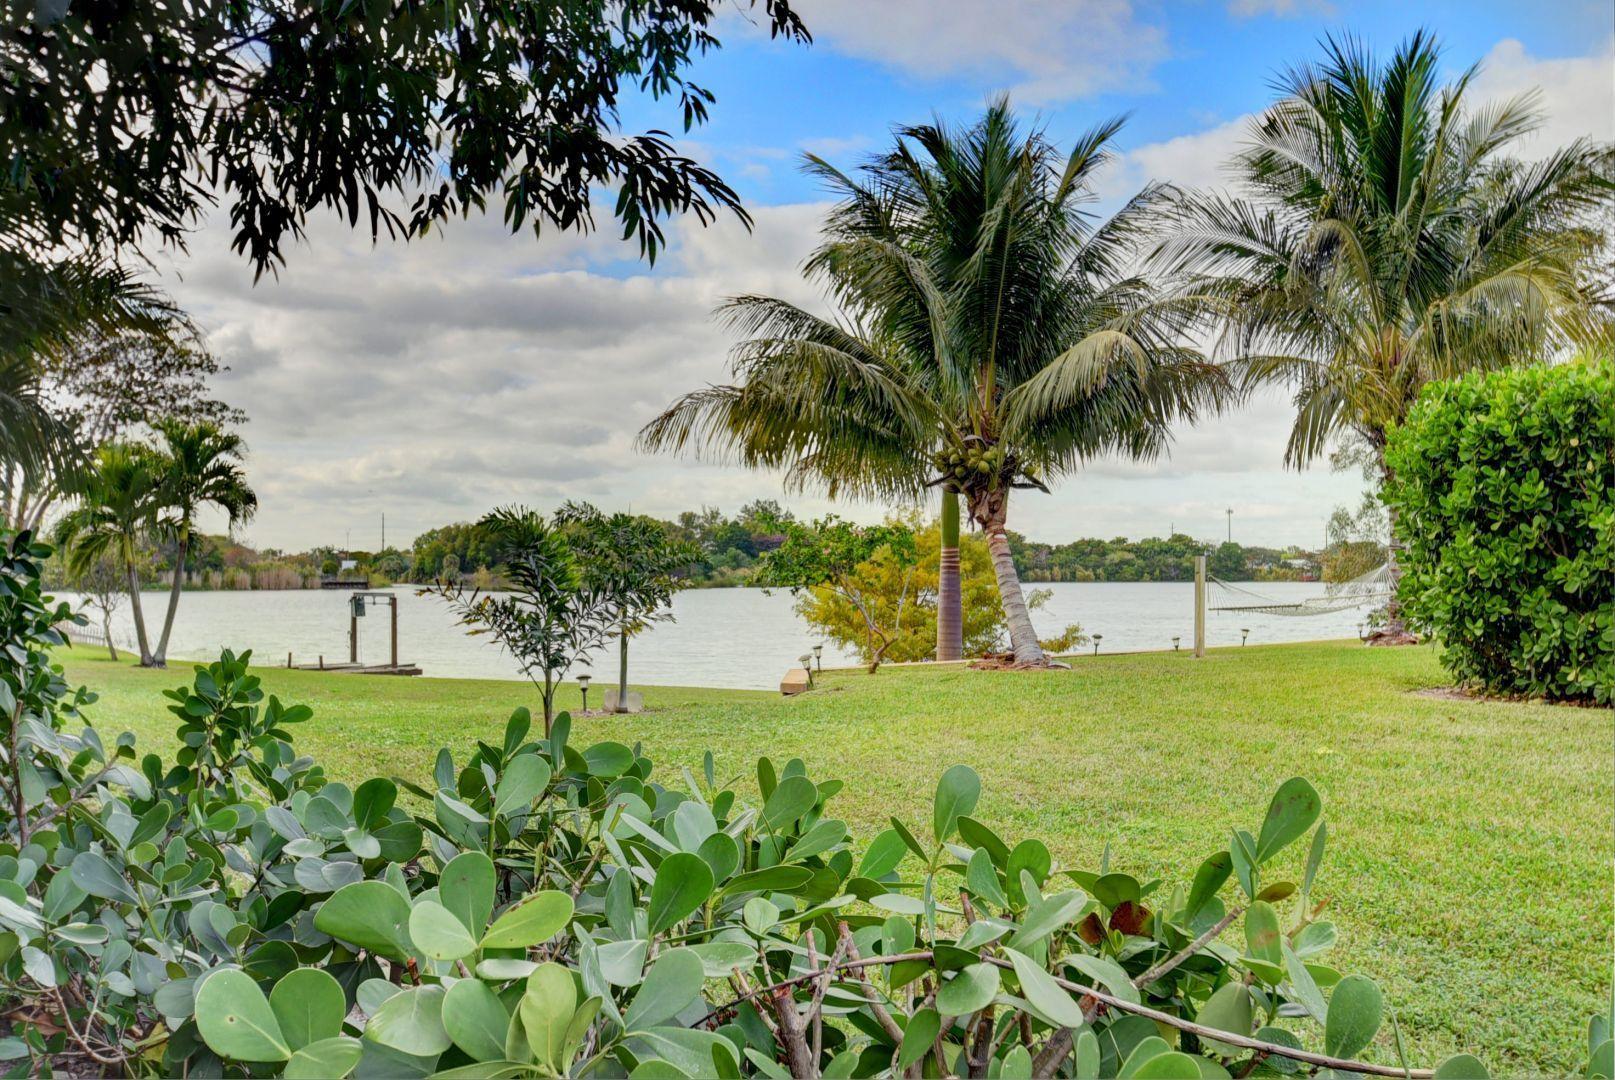 529 Lake Drive  Delray Beach, FL 33444